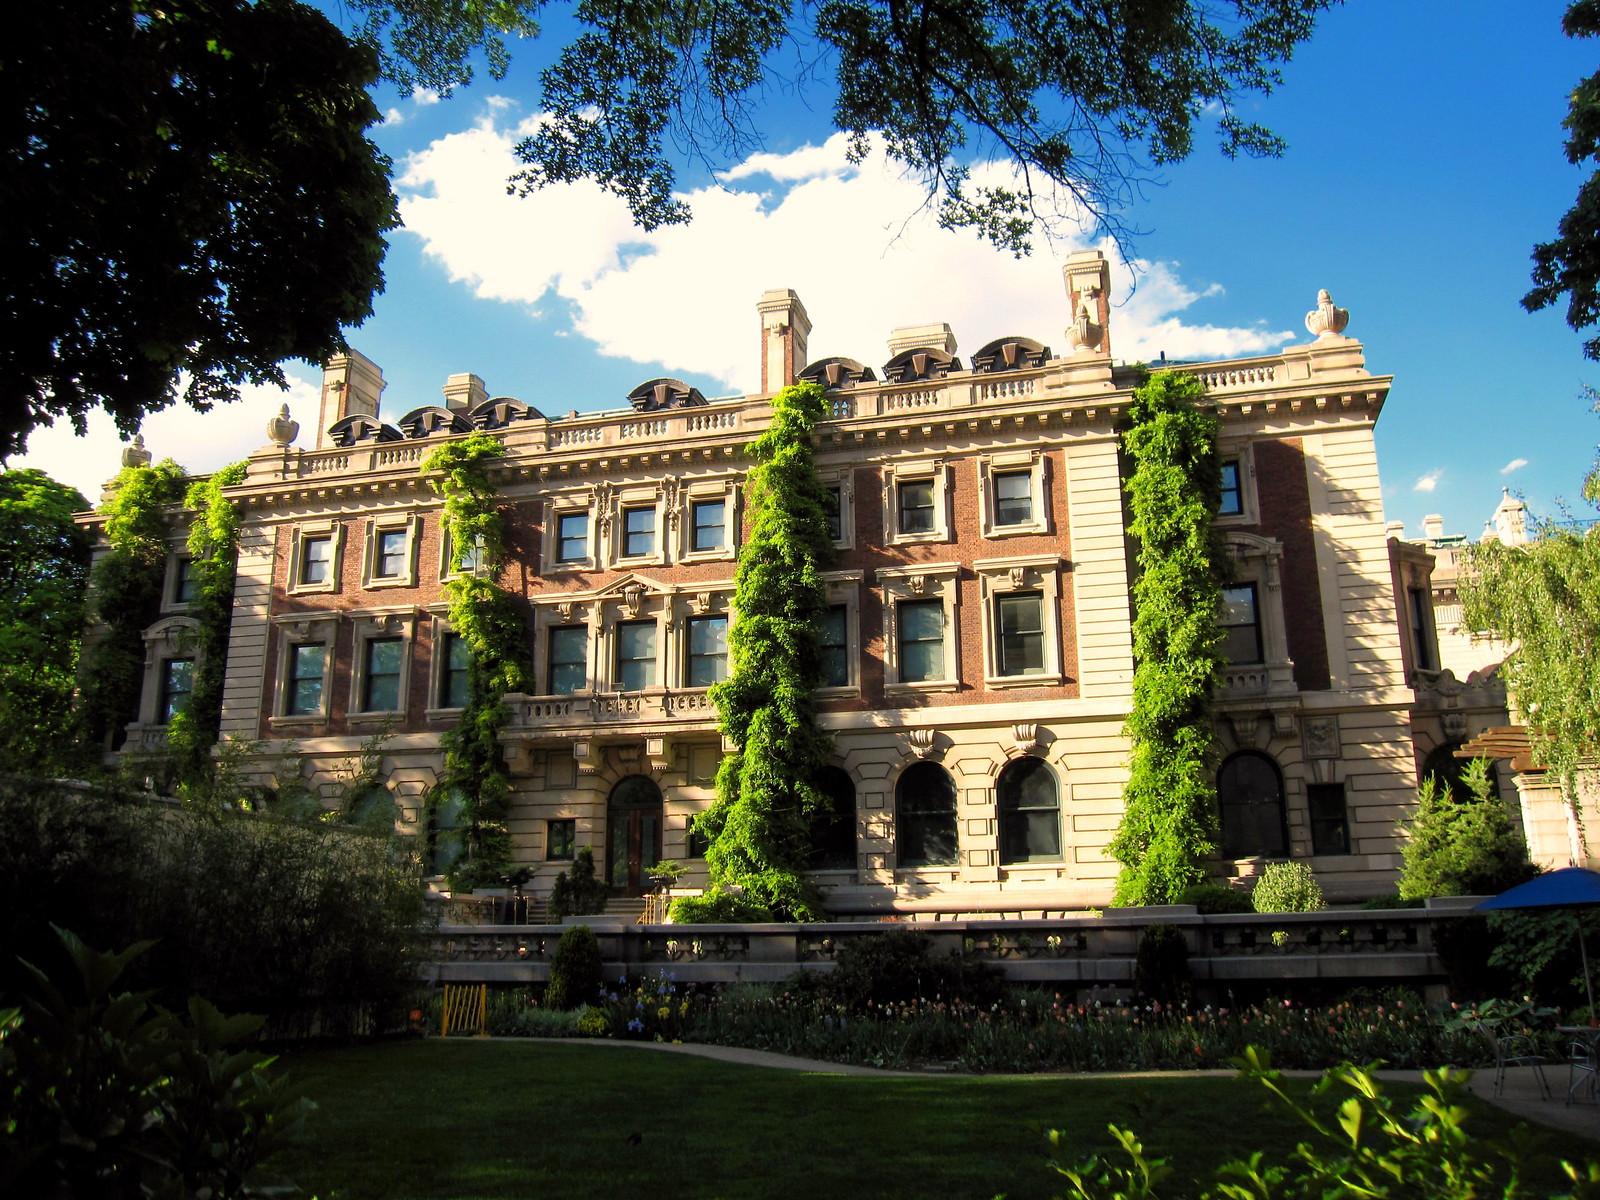 Andrew Carnegie Mansion, Manhattan, New York. Credit Gryffindor